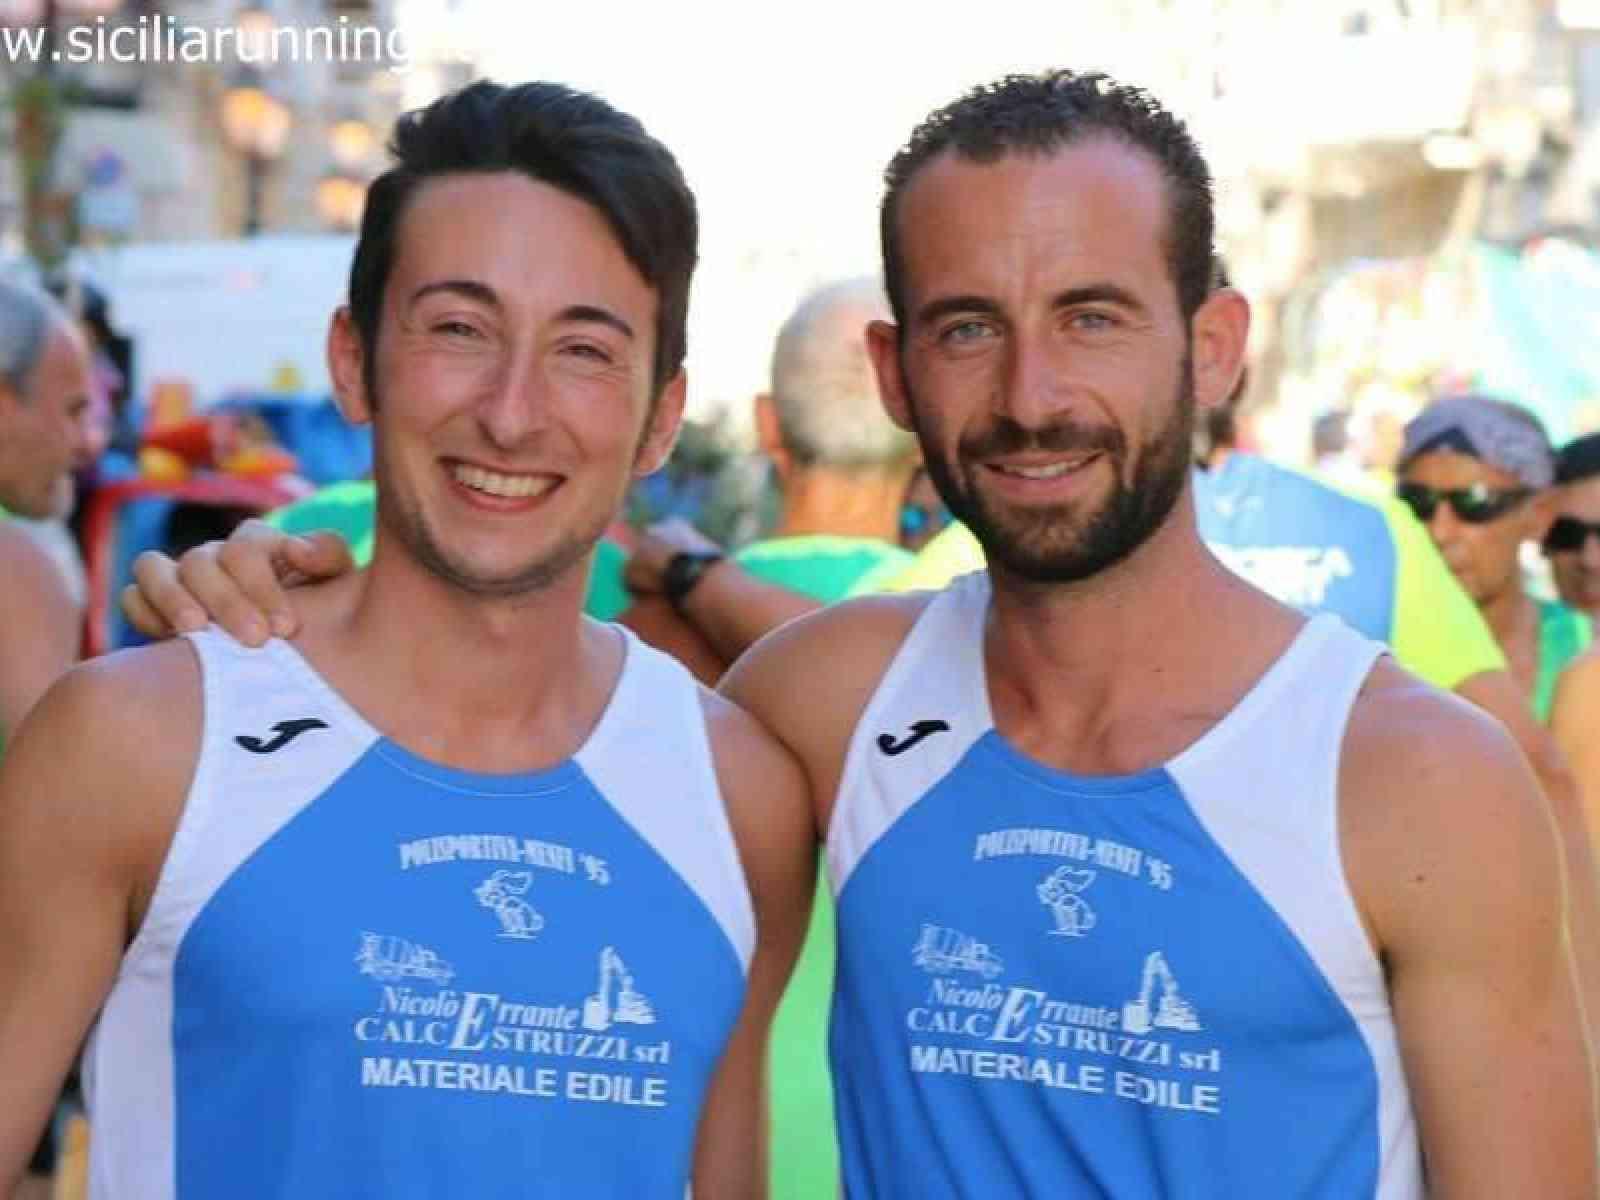 Atletica leggera, i menfitani Saverio Alagna e Davide Mirabile alla 42ª Maratona di Amsterdam